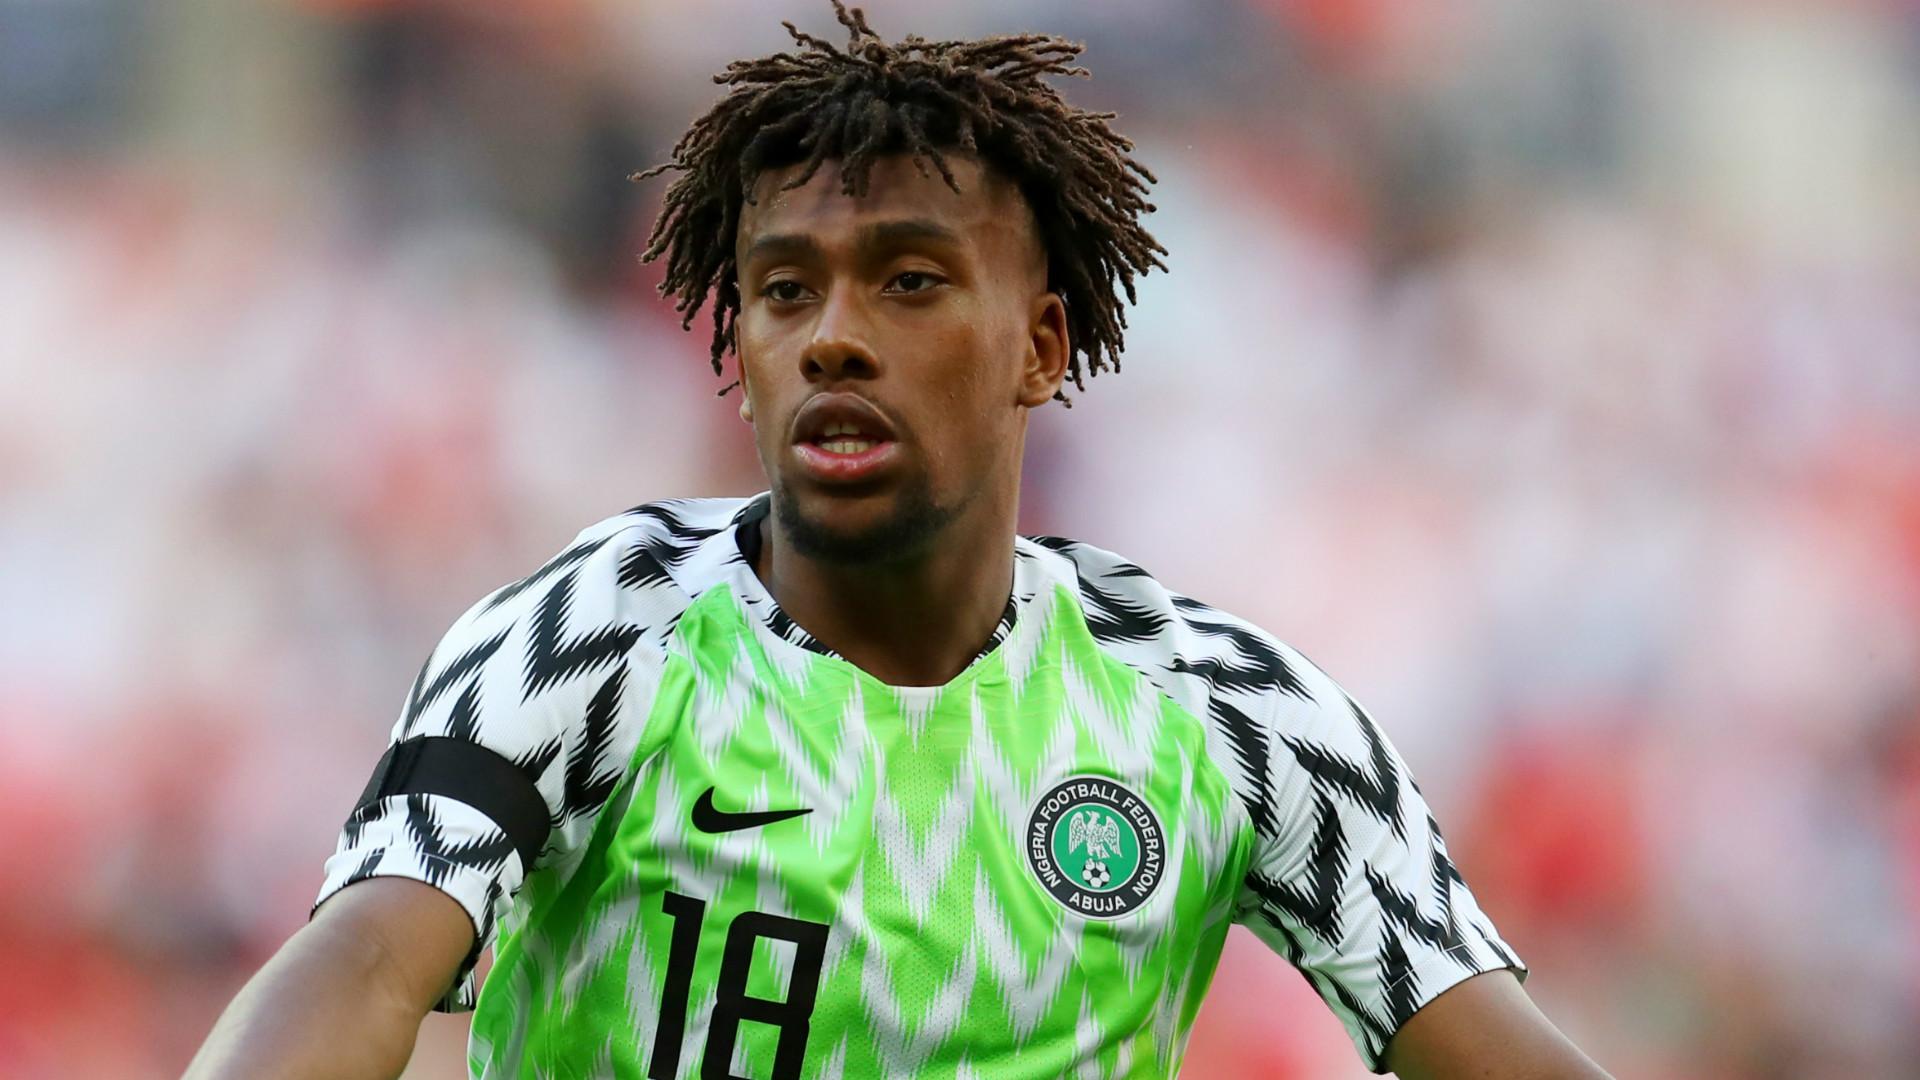 Alex iwobi nigerian jersey 2018